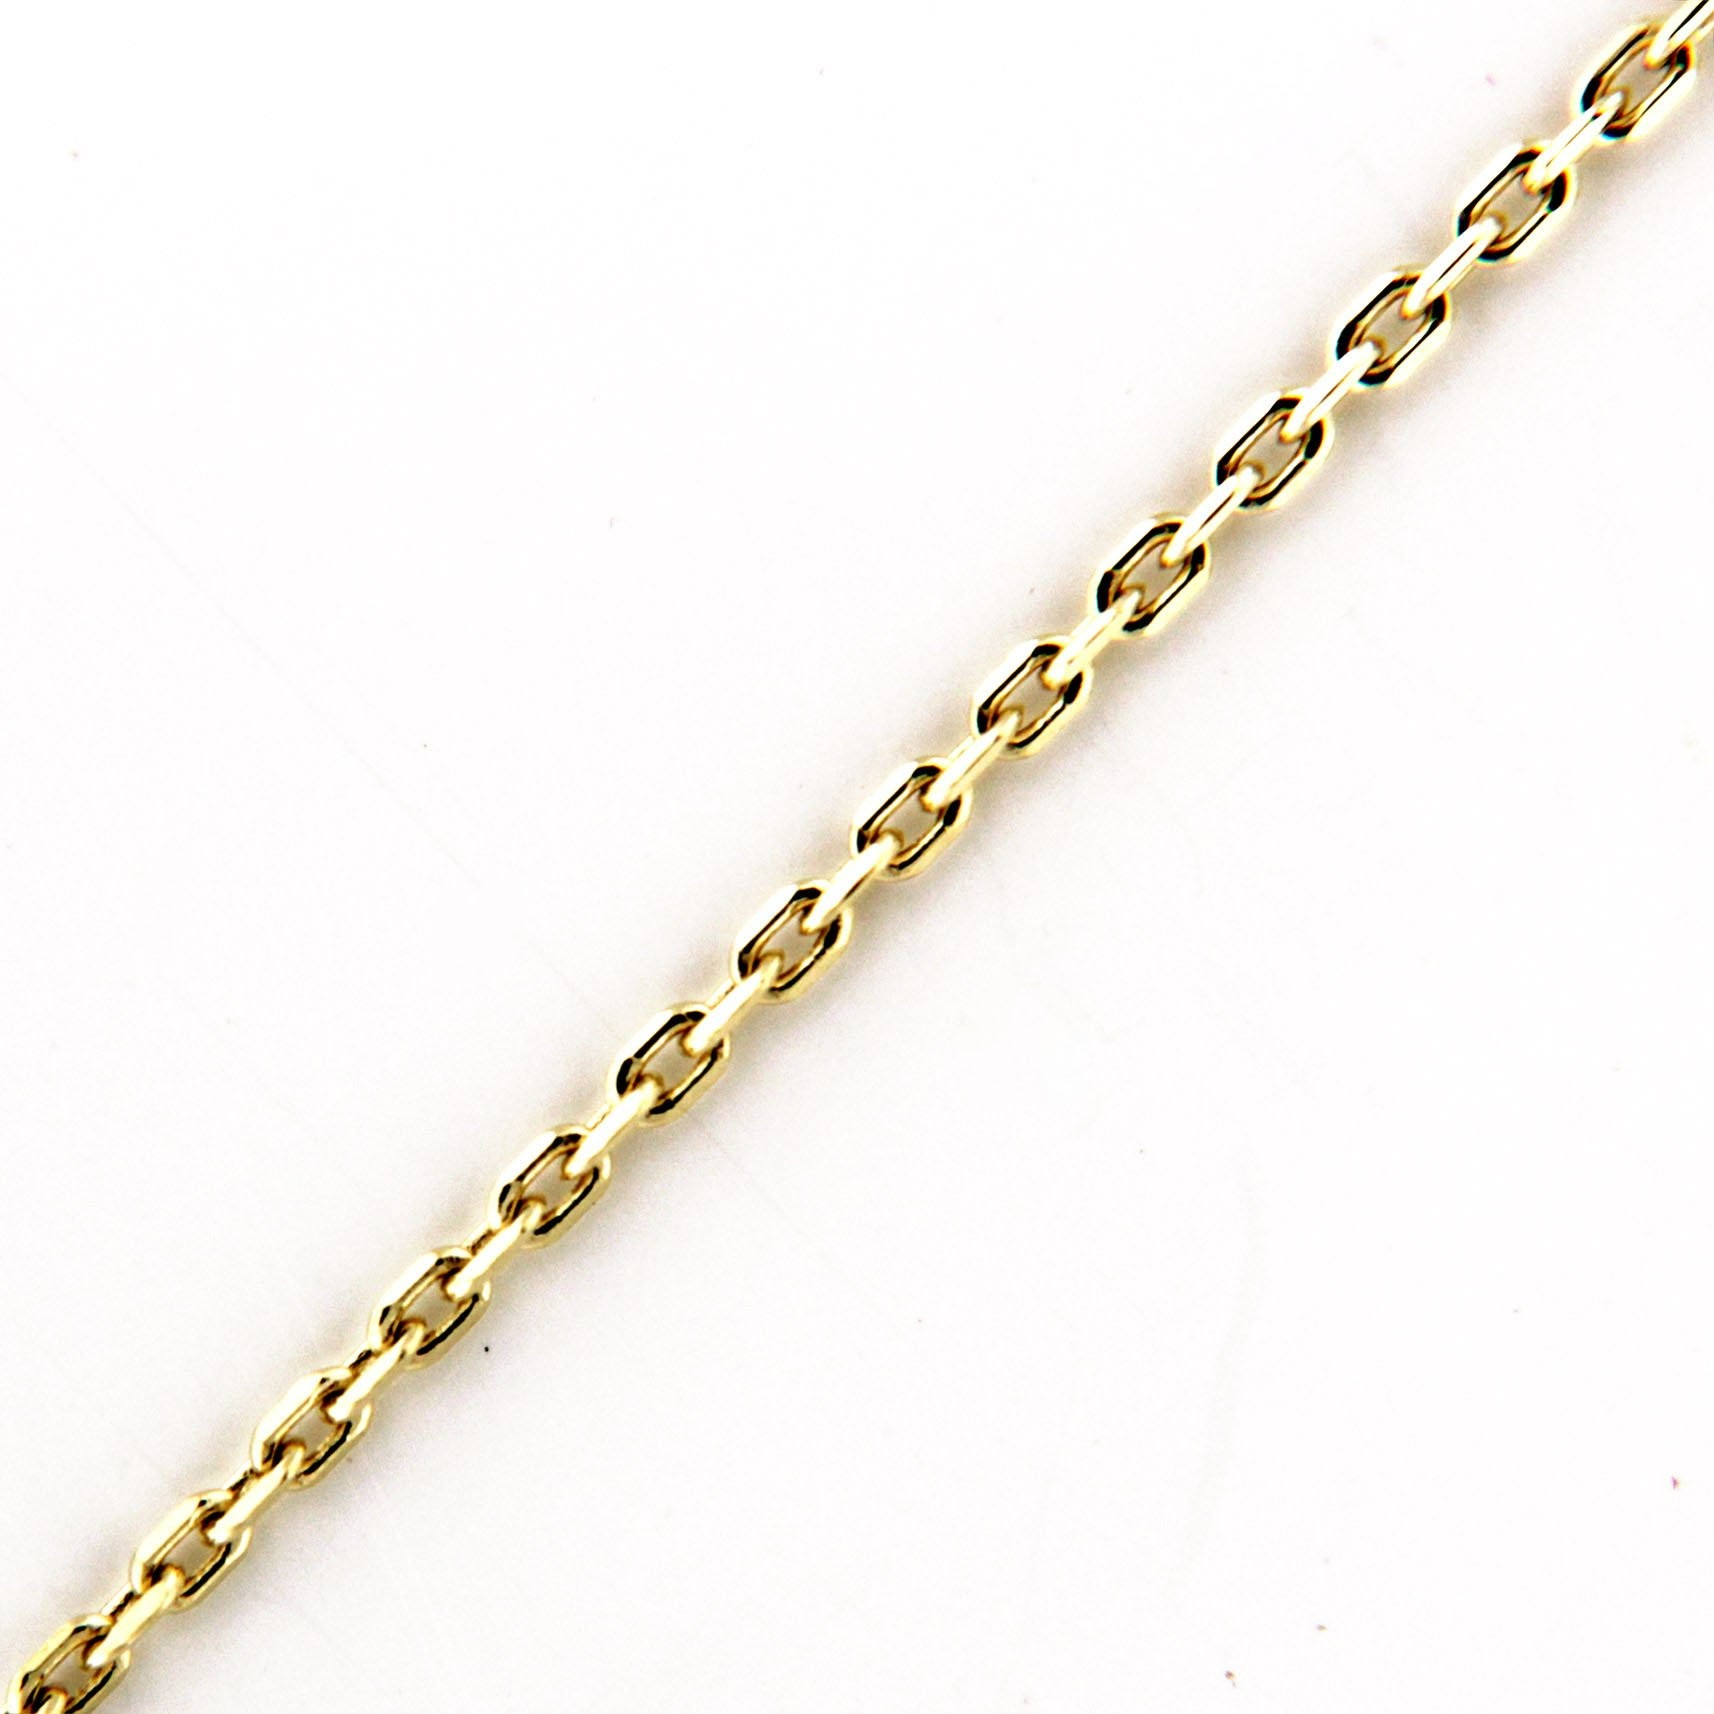 Zlatý řetízek 17265